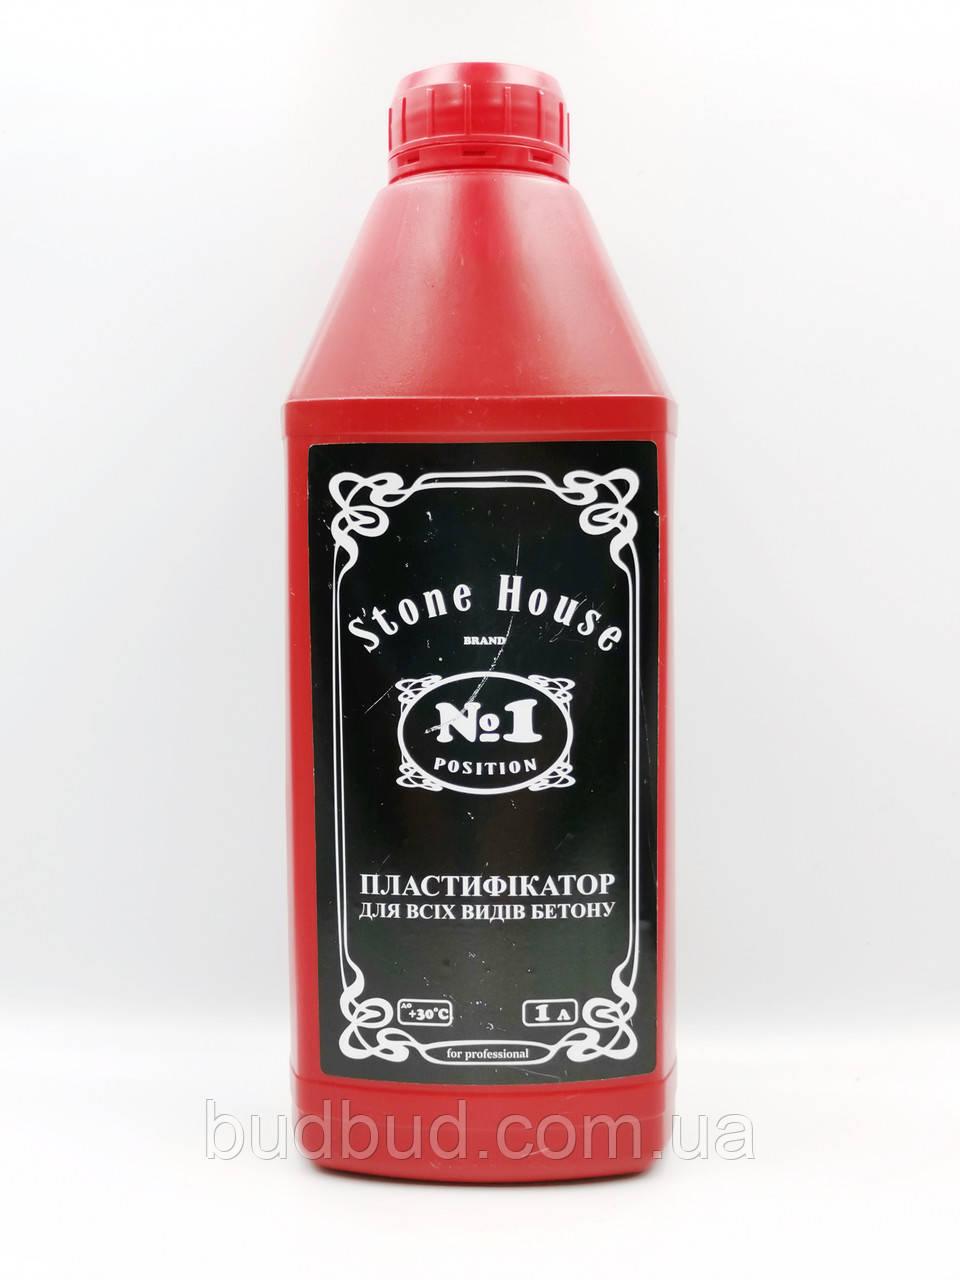 Пластифікатор ТМ «Stone House» №1 для всіх марок і класів бетону 1л.